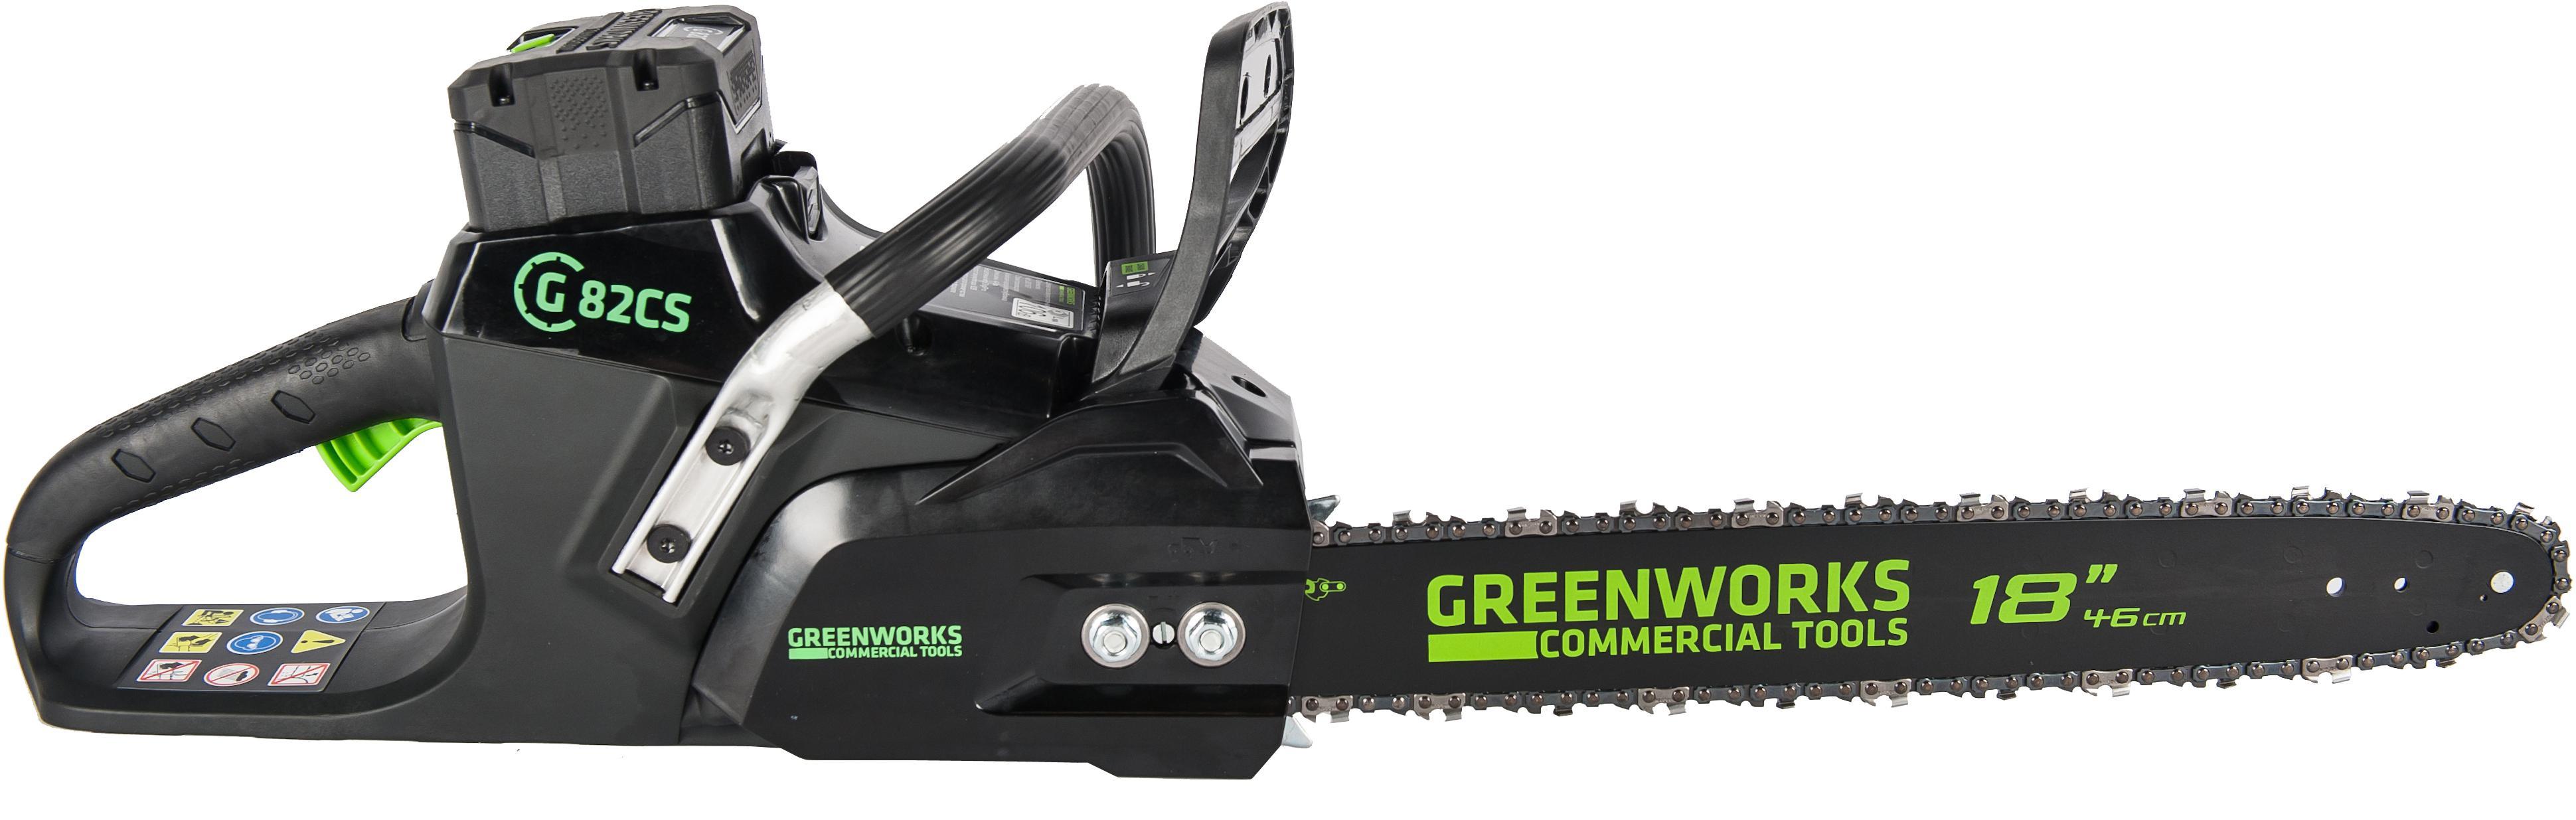 Пила цепная аккумуляторная Greenworks GС82csk5 (2001607ub) 1акк 82v 5Ач + ЗУ пила greenworks gcs1840 20027